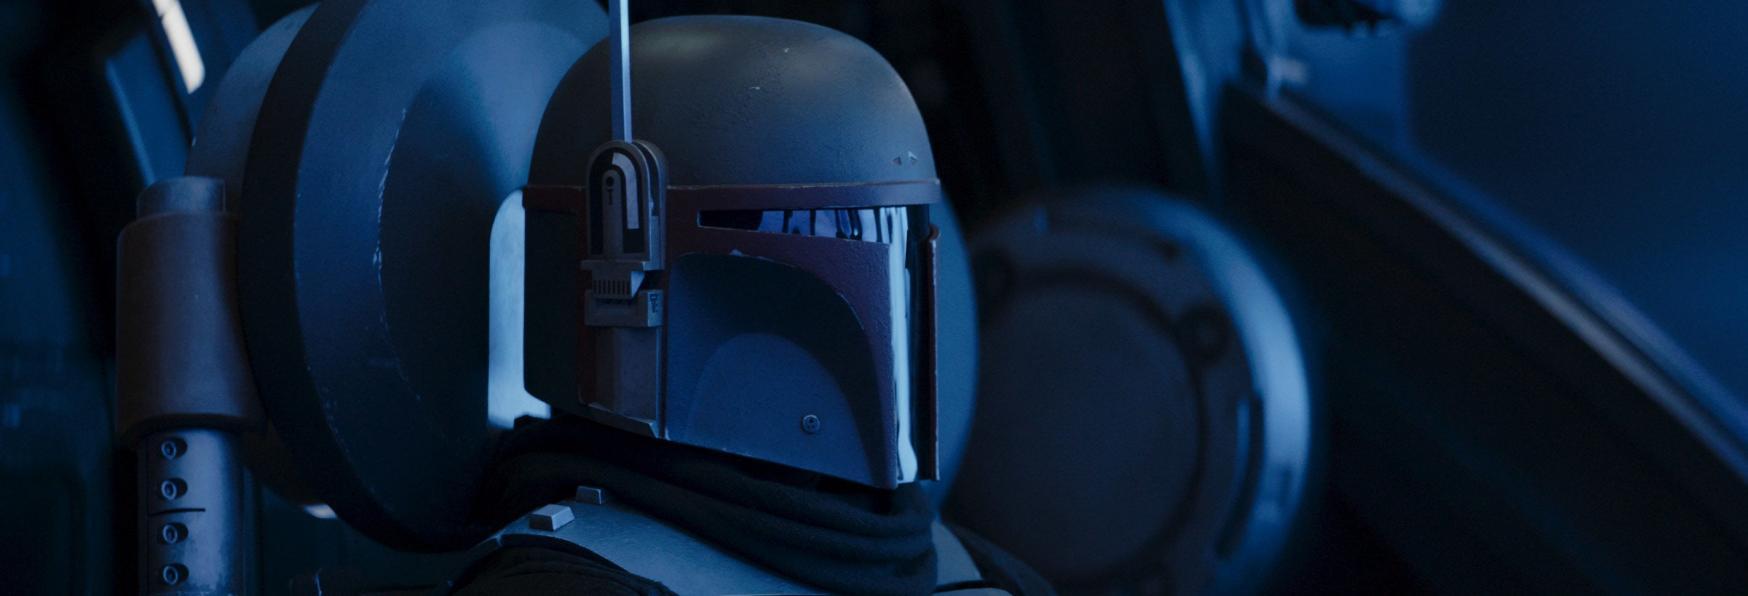 The Book of Boba Fett: il Poster svela la Data di Uscita della nuova Serie TV Star Wars di Disney+